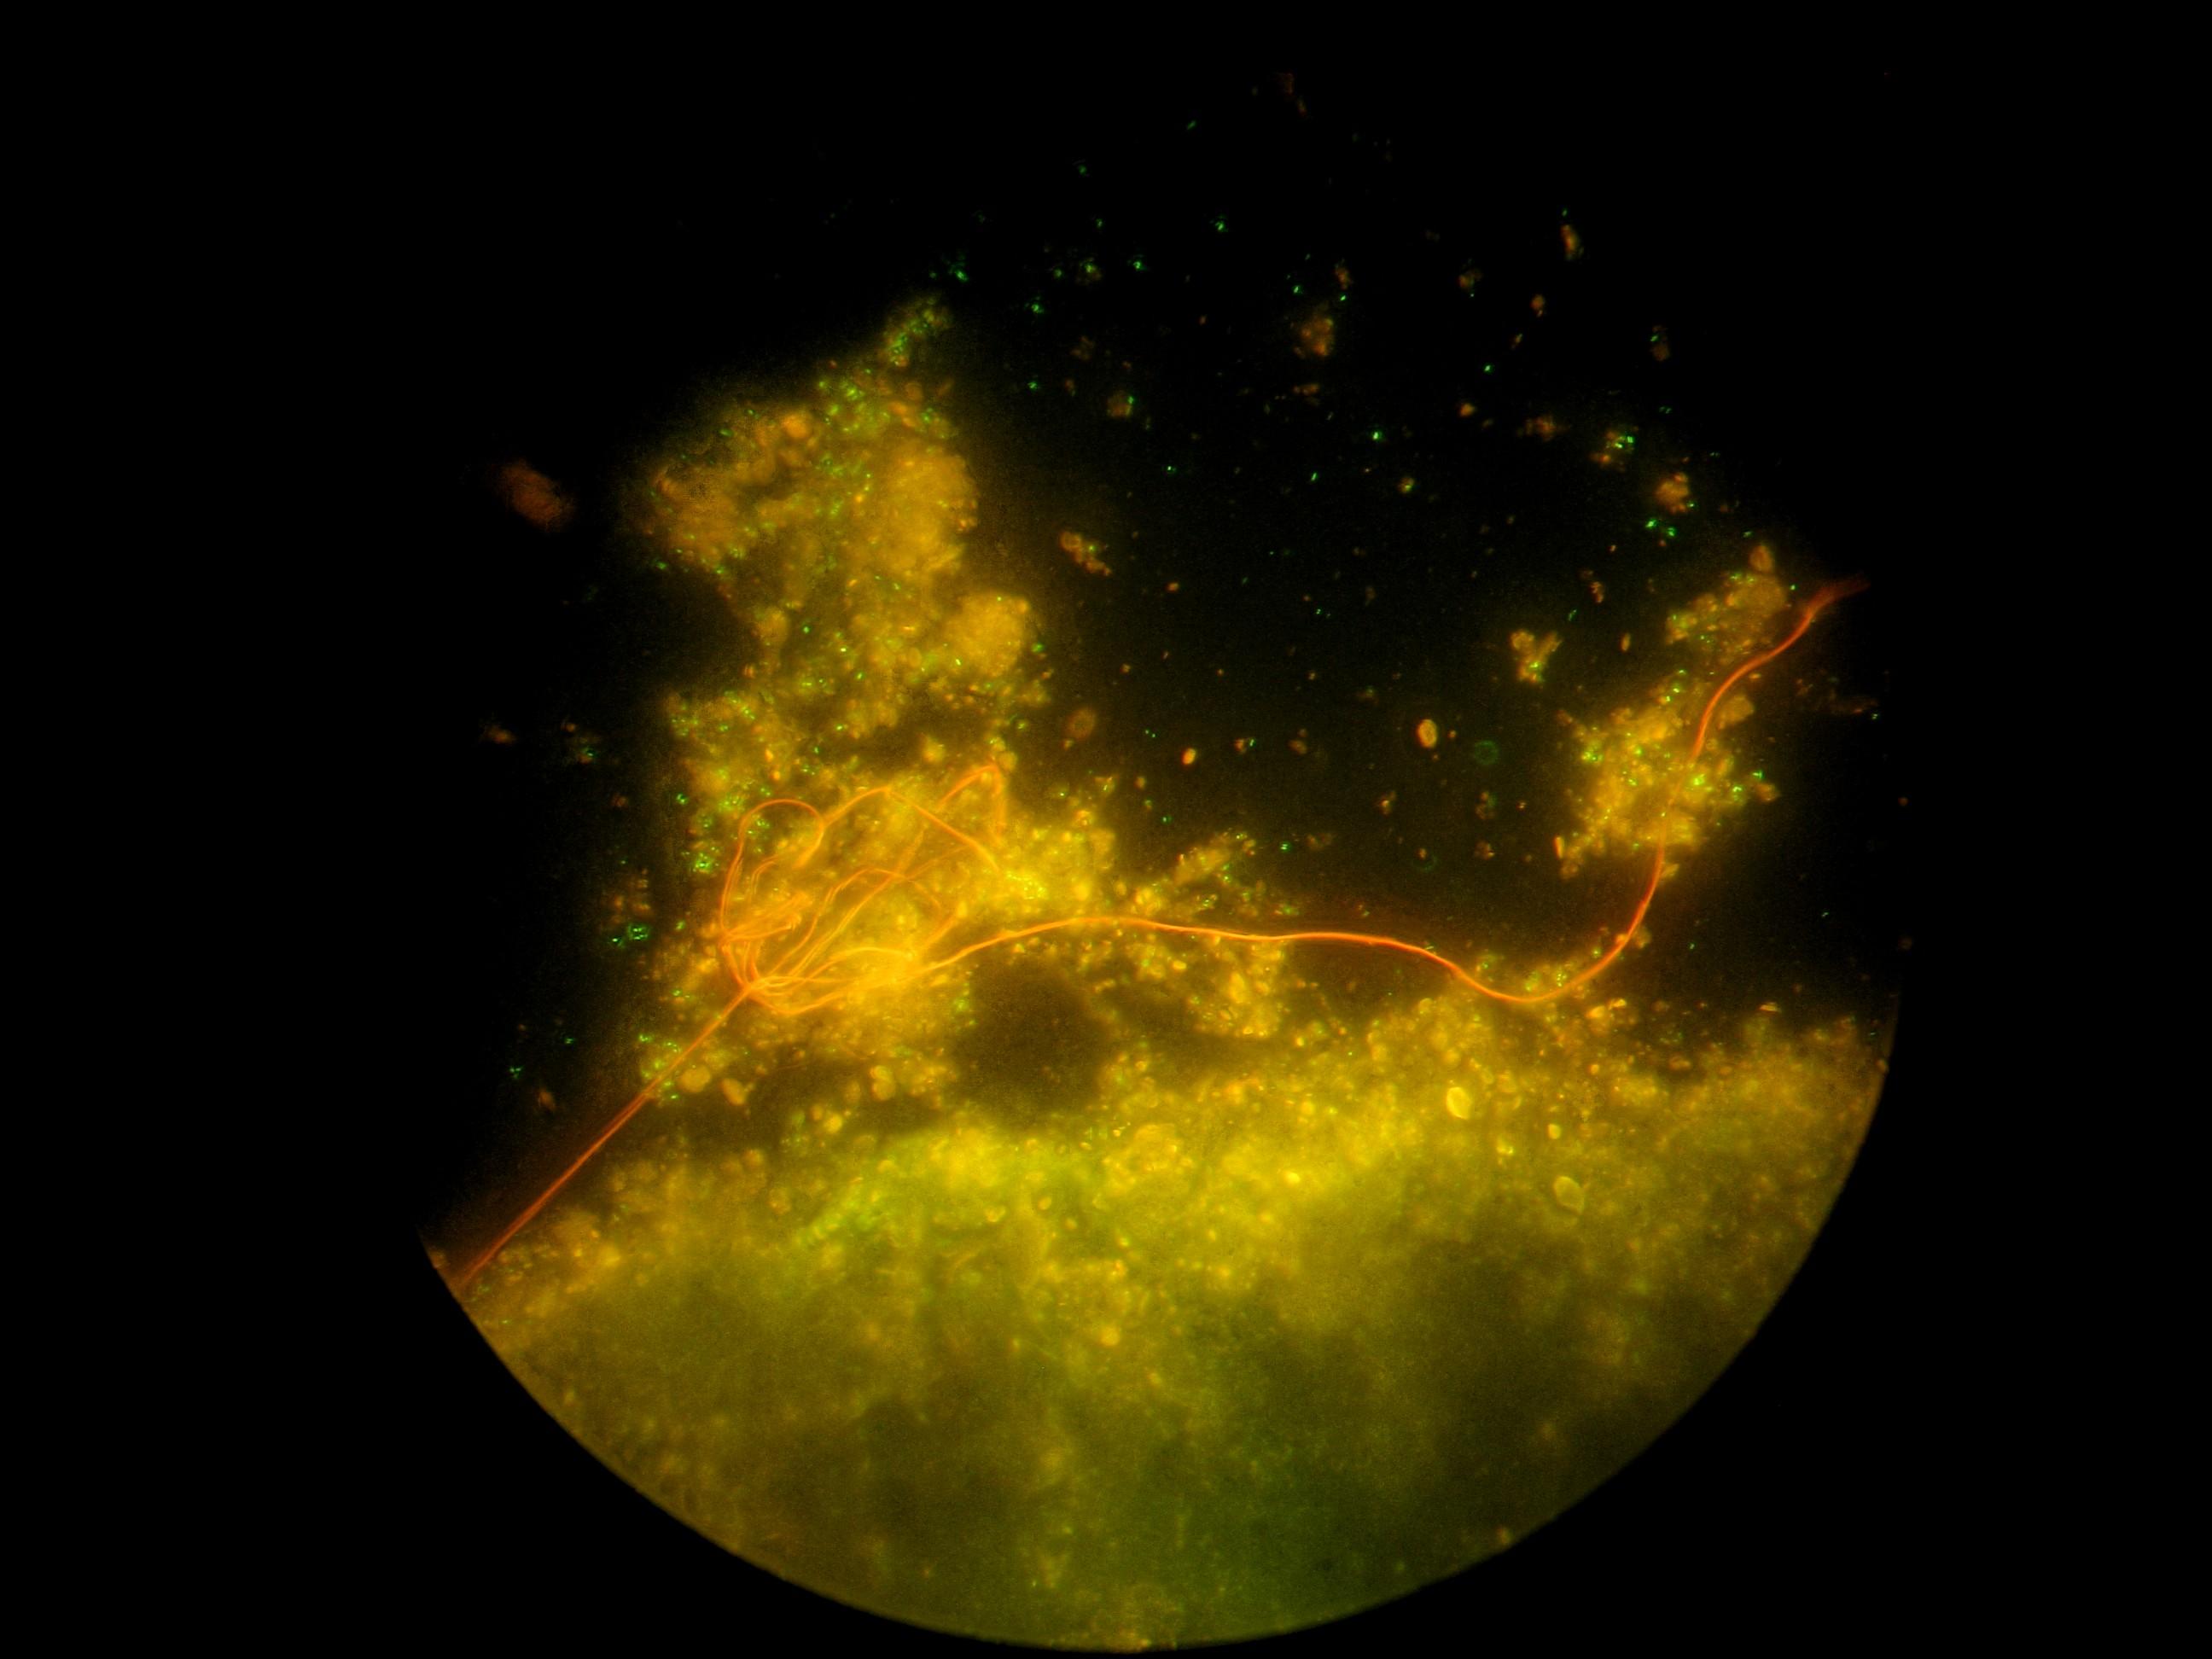 Die grün leuchtenden Bakterienzellen haben eine Größe von 1-2 Mikrometern (Mikrometer = Tausendstel Millimeter) und besiedeln vor allem die Sedimentflocken (Bildbearbeitung mit Picolay).